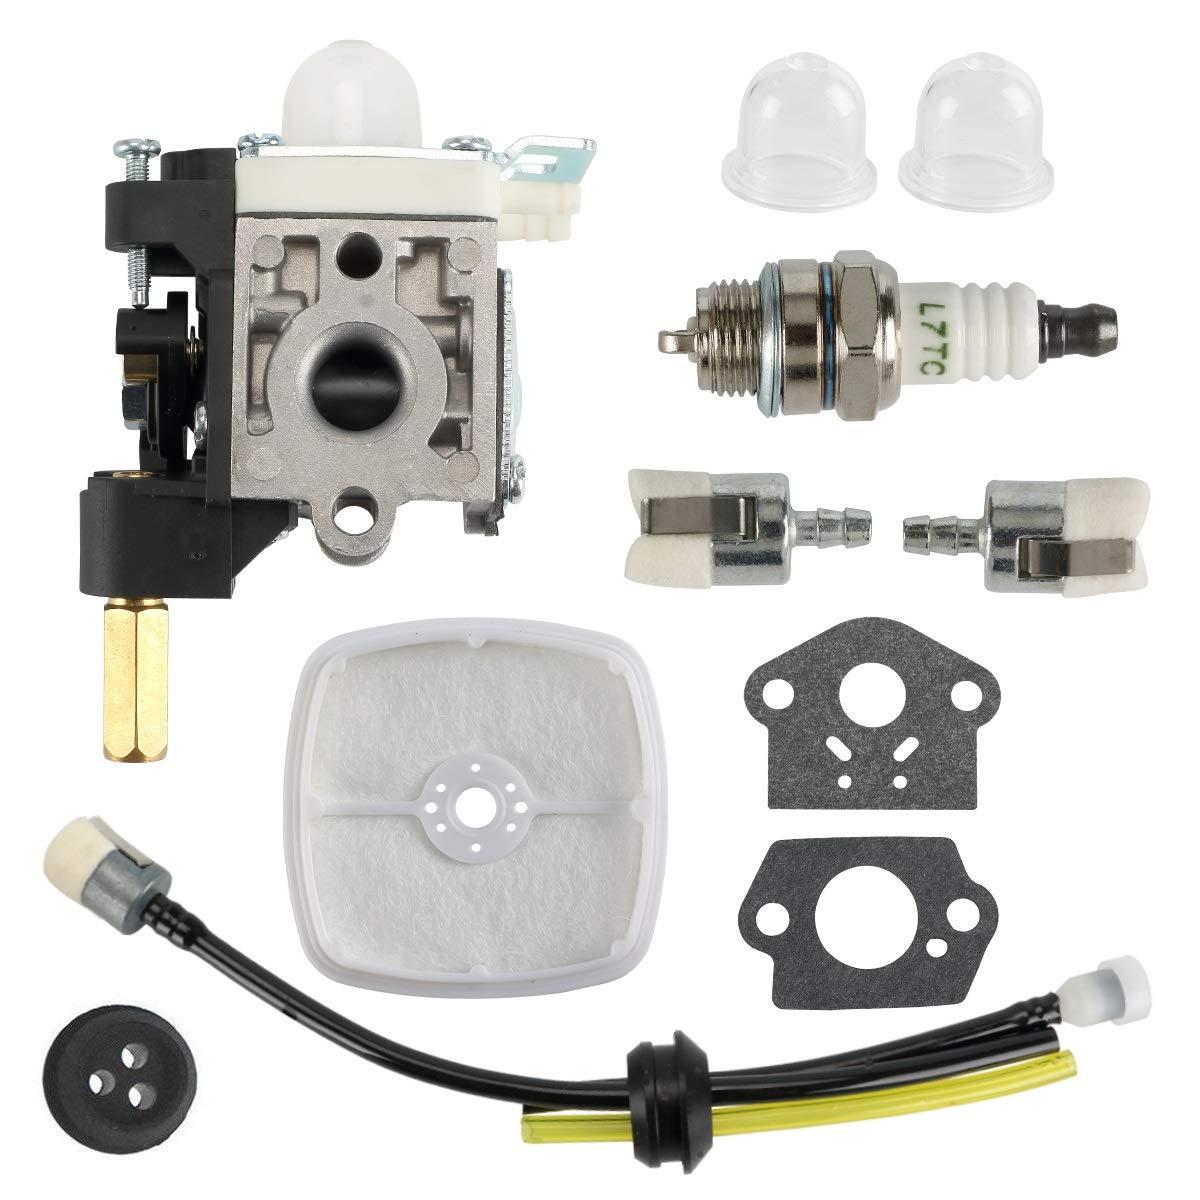 for Zama RB-K75 Carburetor Carb fits ECHO GT200 GT201i HC150 HC151 PE200 PE201 PPF210 PPF211 SRM210 SRM211 Trimmer/Brushcutter